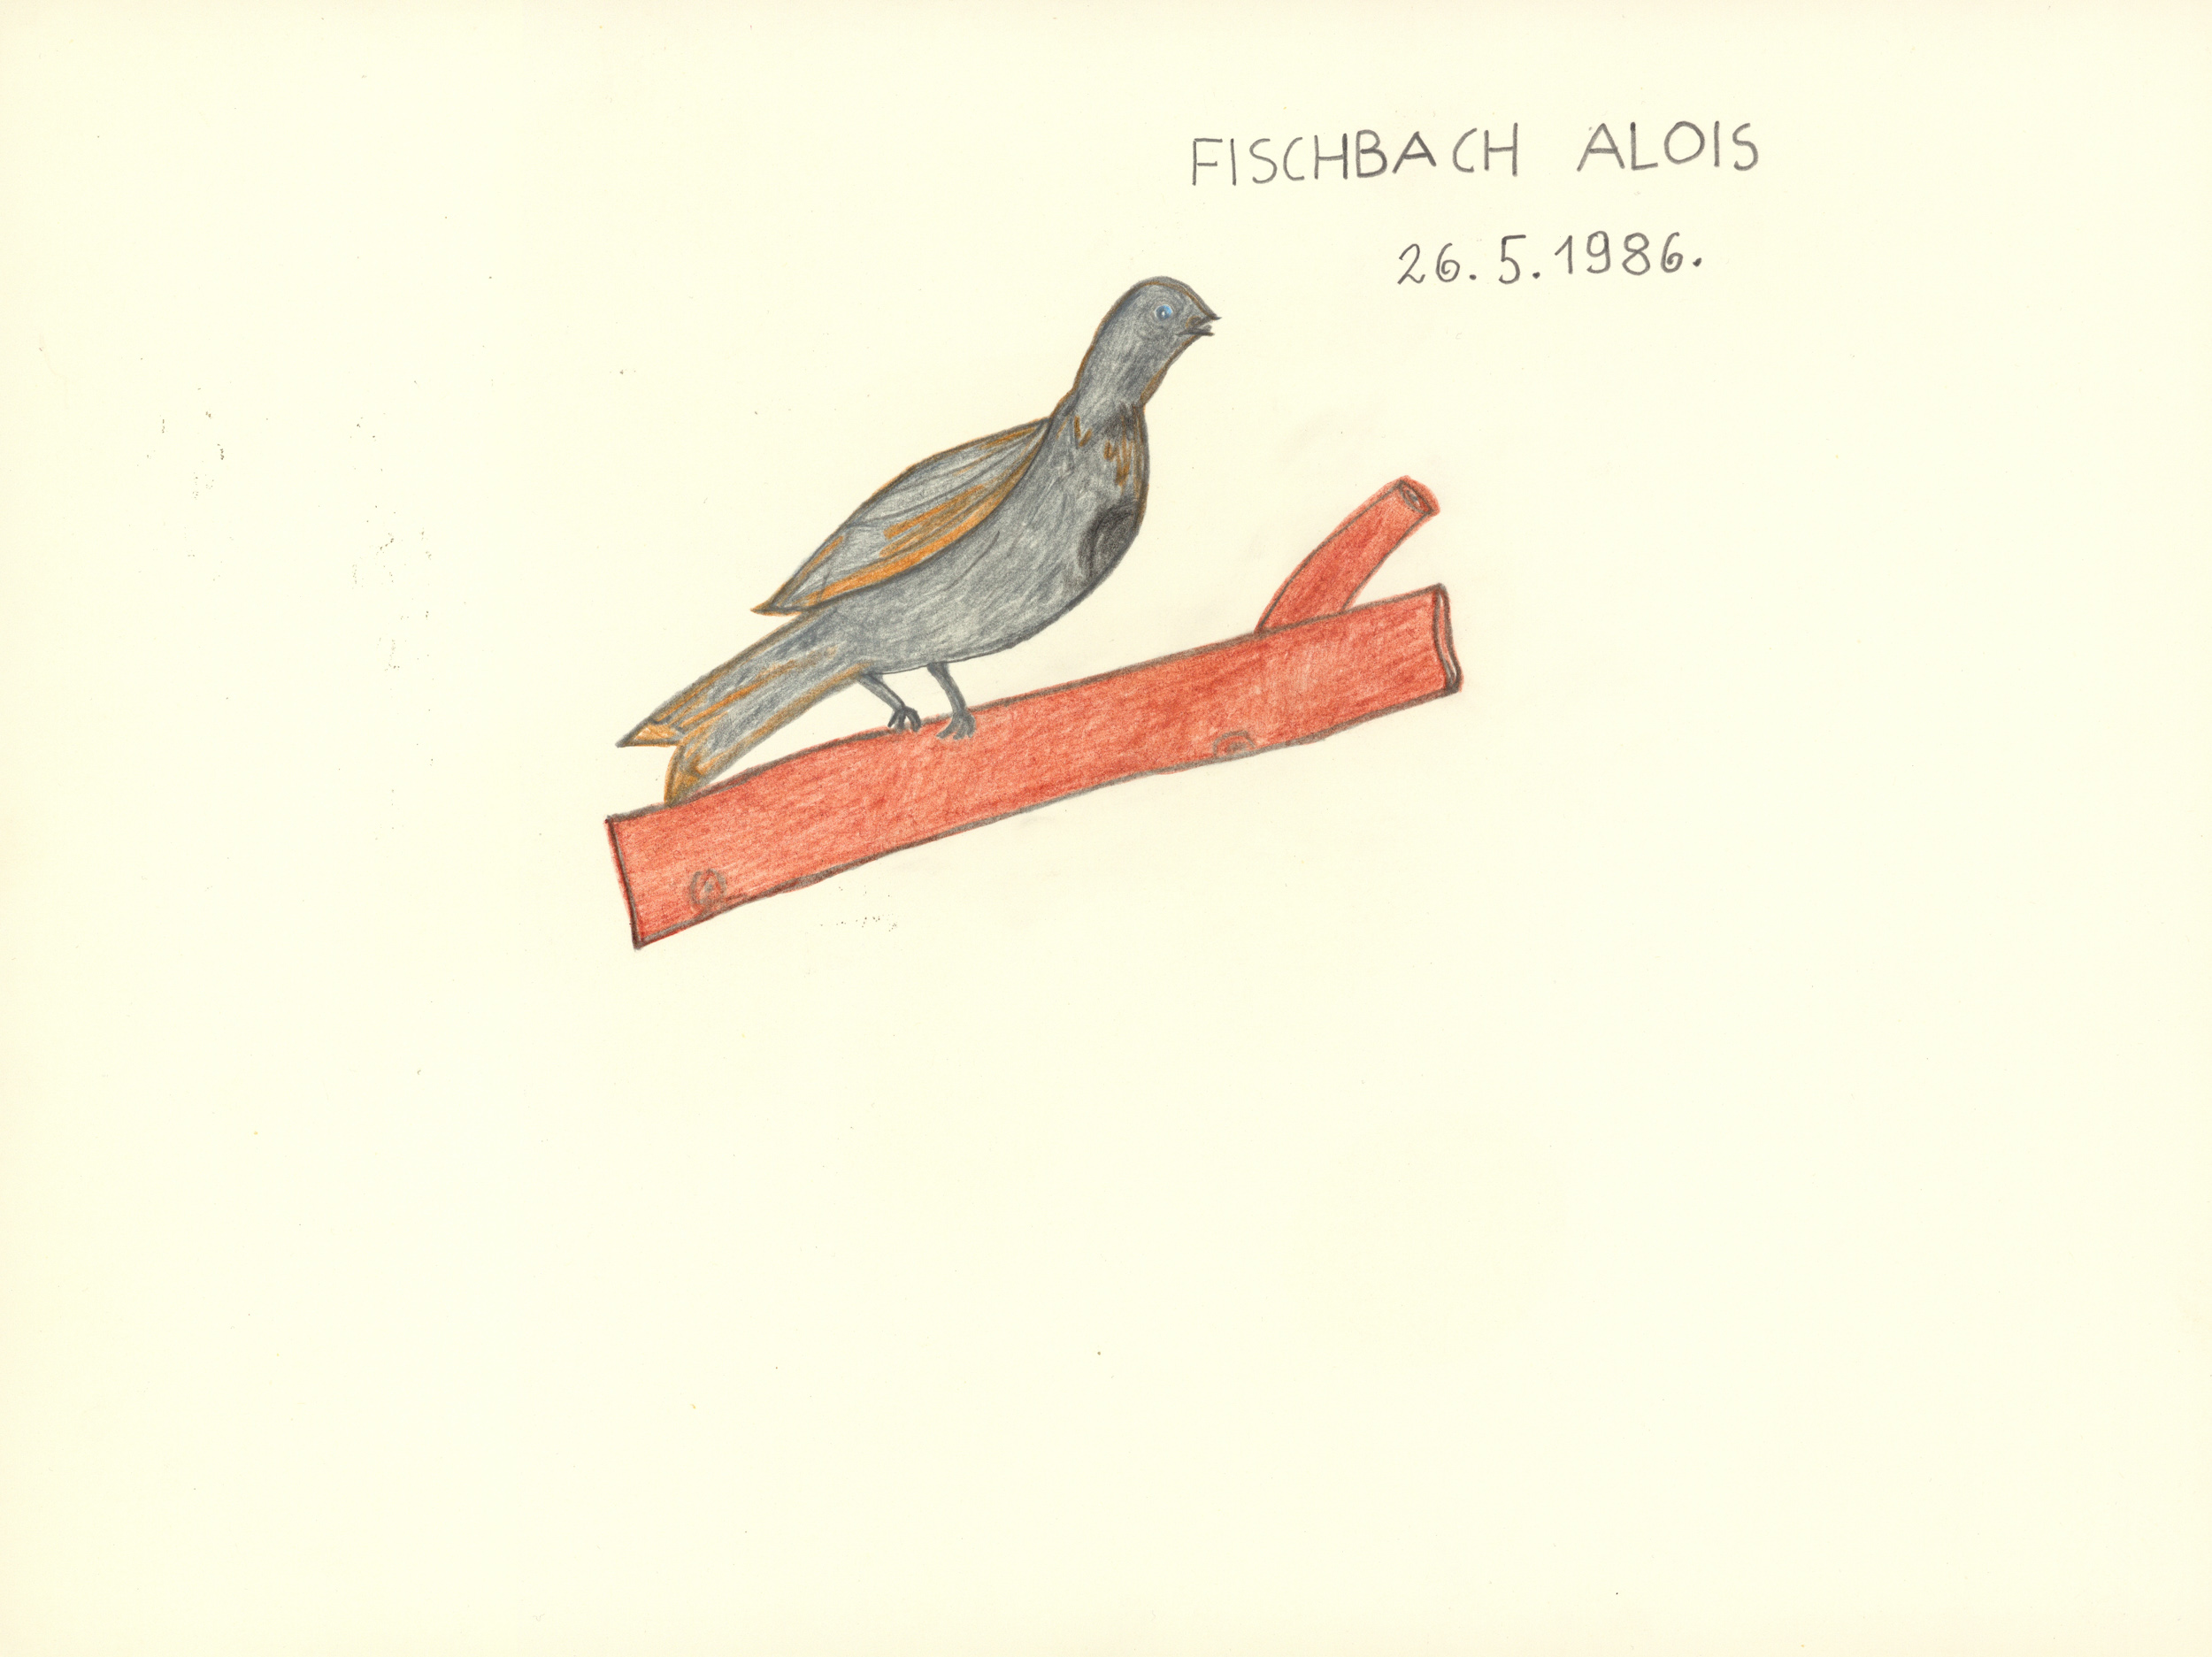 fischbach alois - ohne titel / untitled